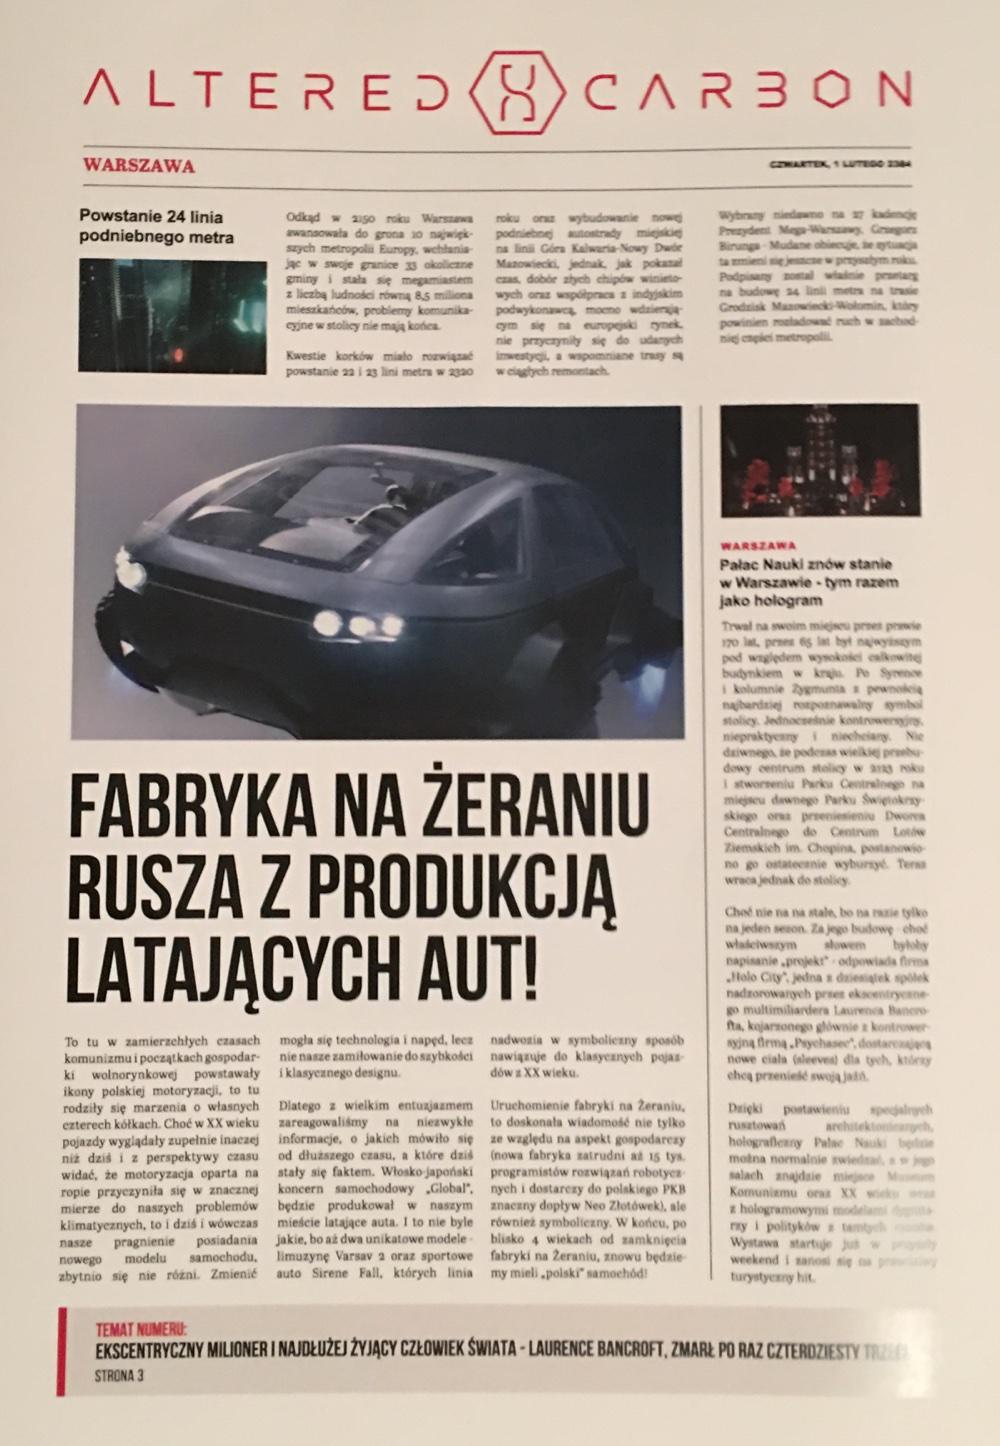 Okładka gazety Altered Carbon z 2384 roku